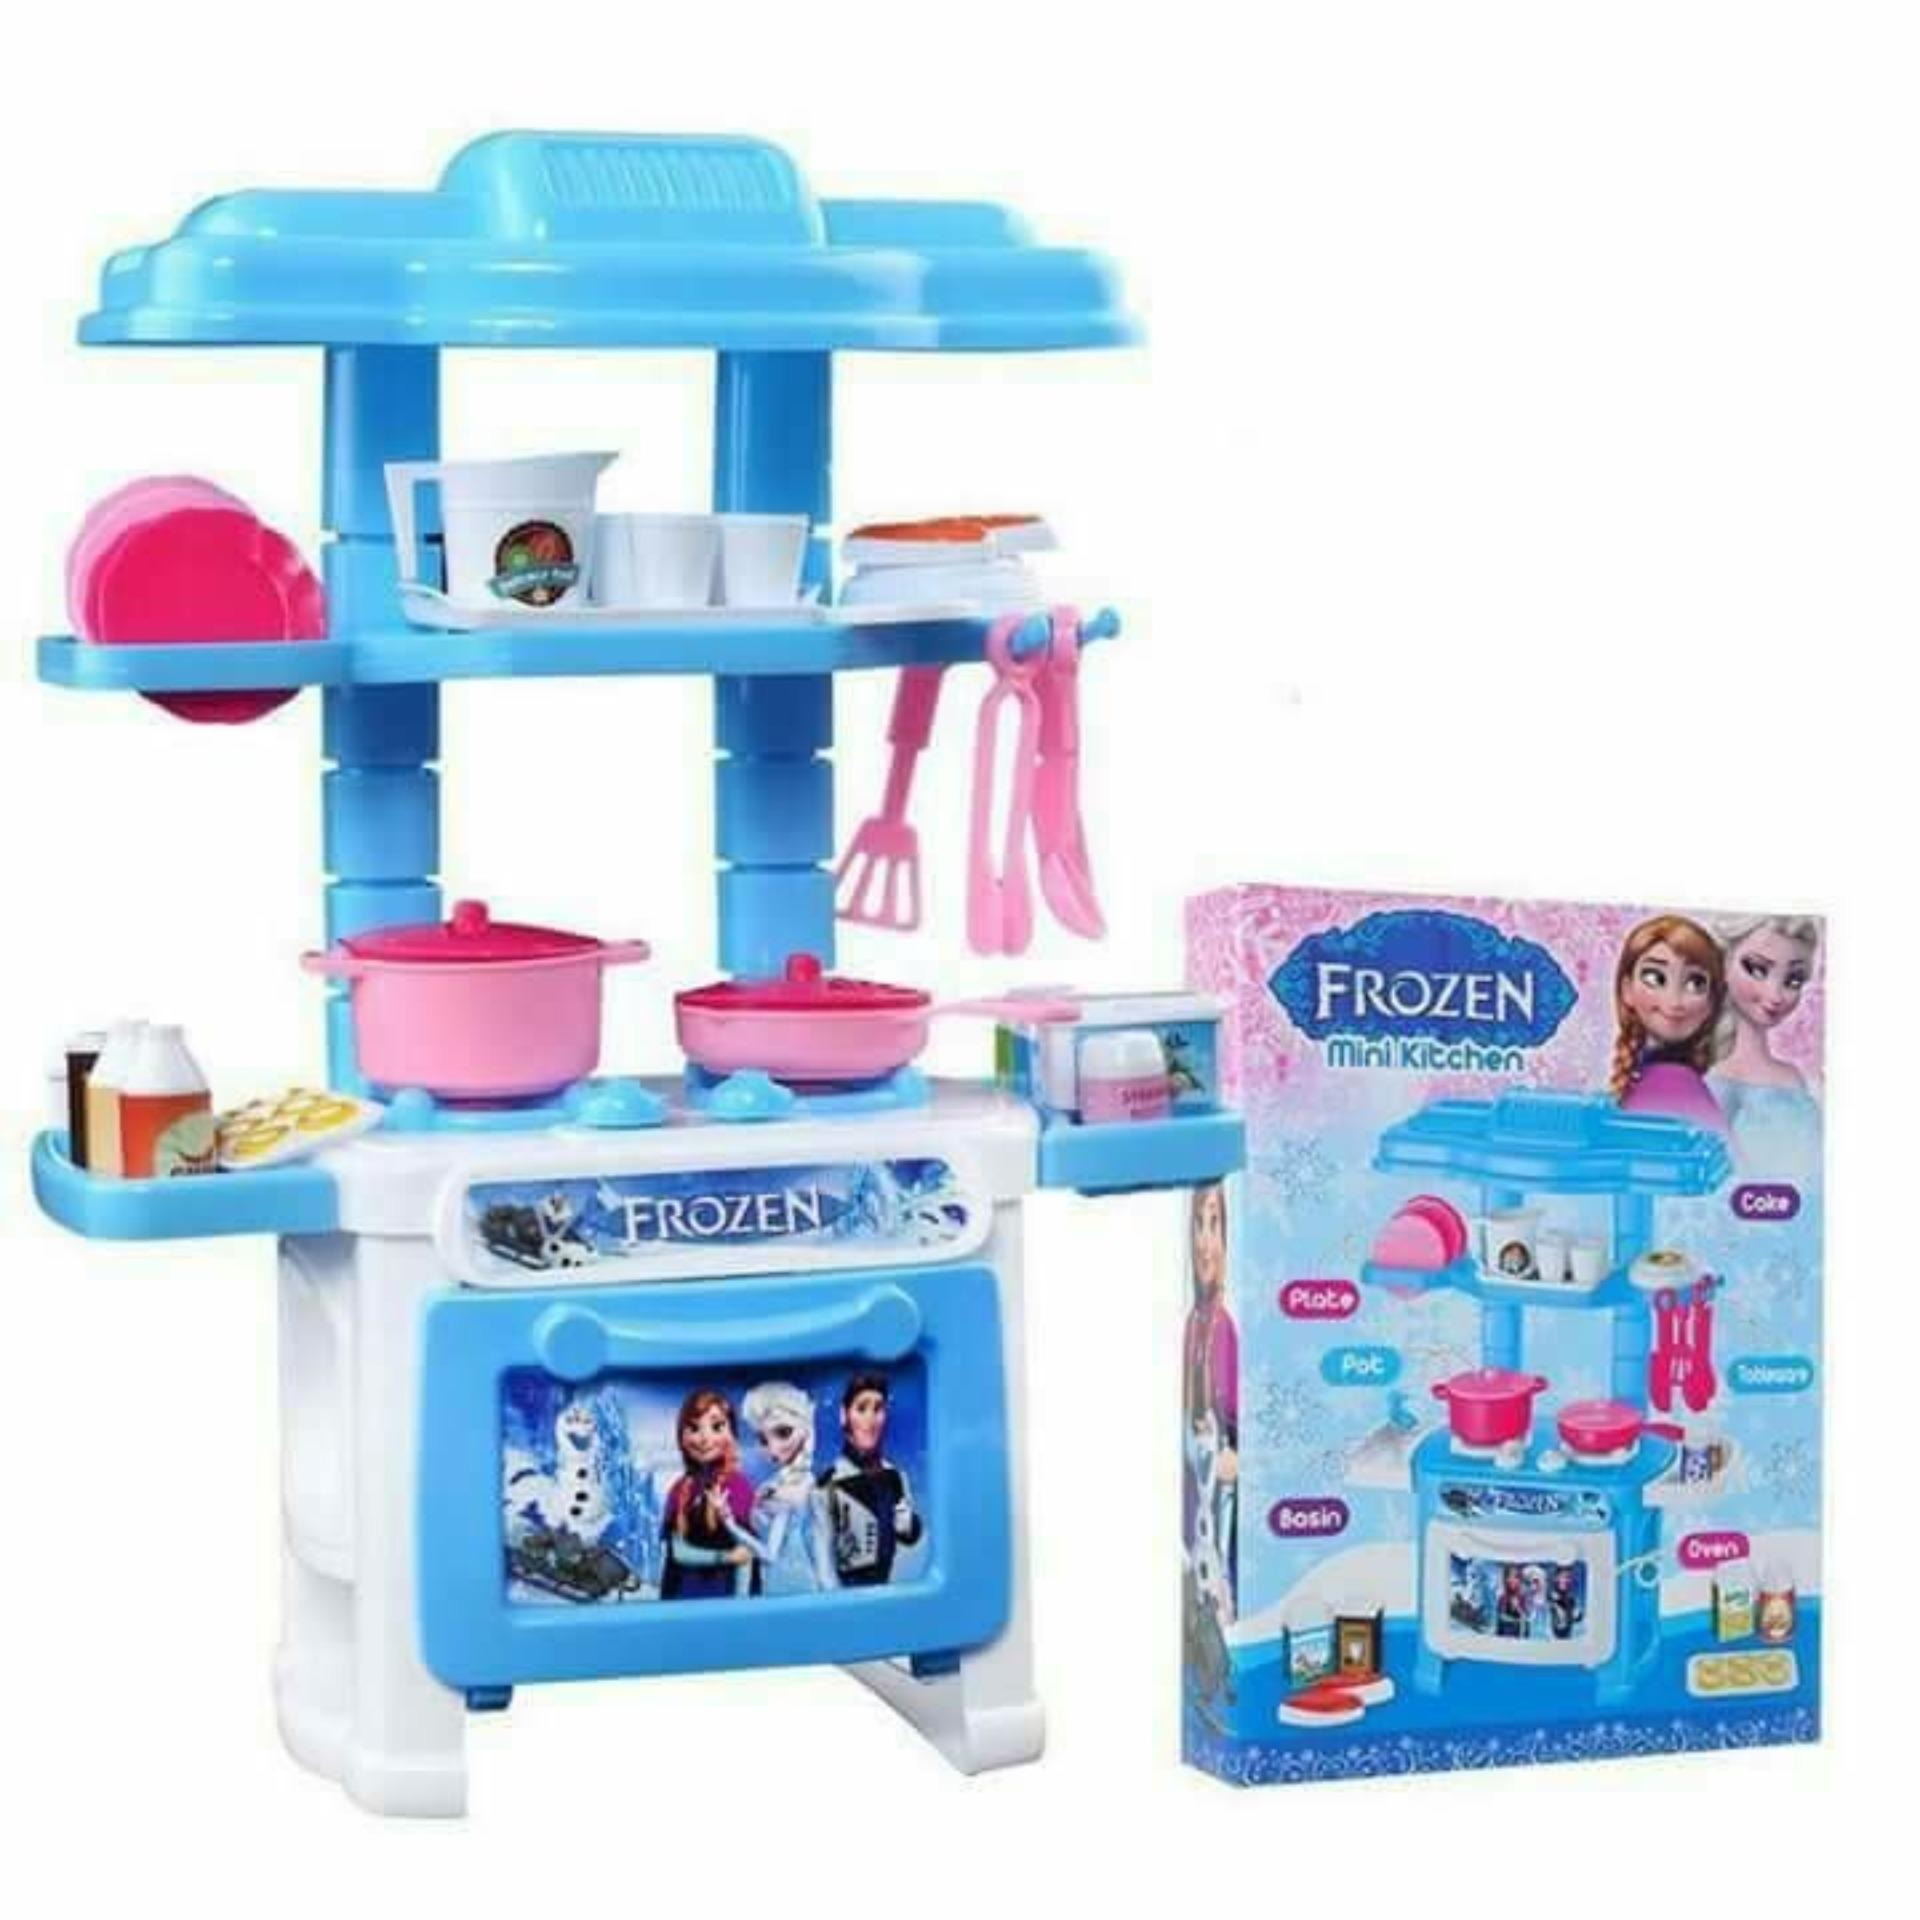 Hình ảnh Bộ đồ chơi nấu ăn trẻ em giá rẻ phát triển trí tuệ cho bé (Màu ngẫu nhiên)